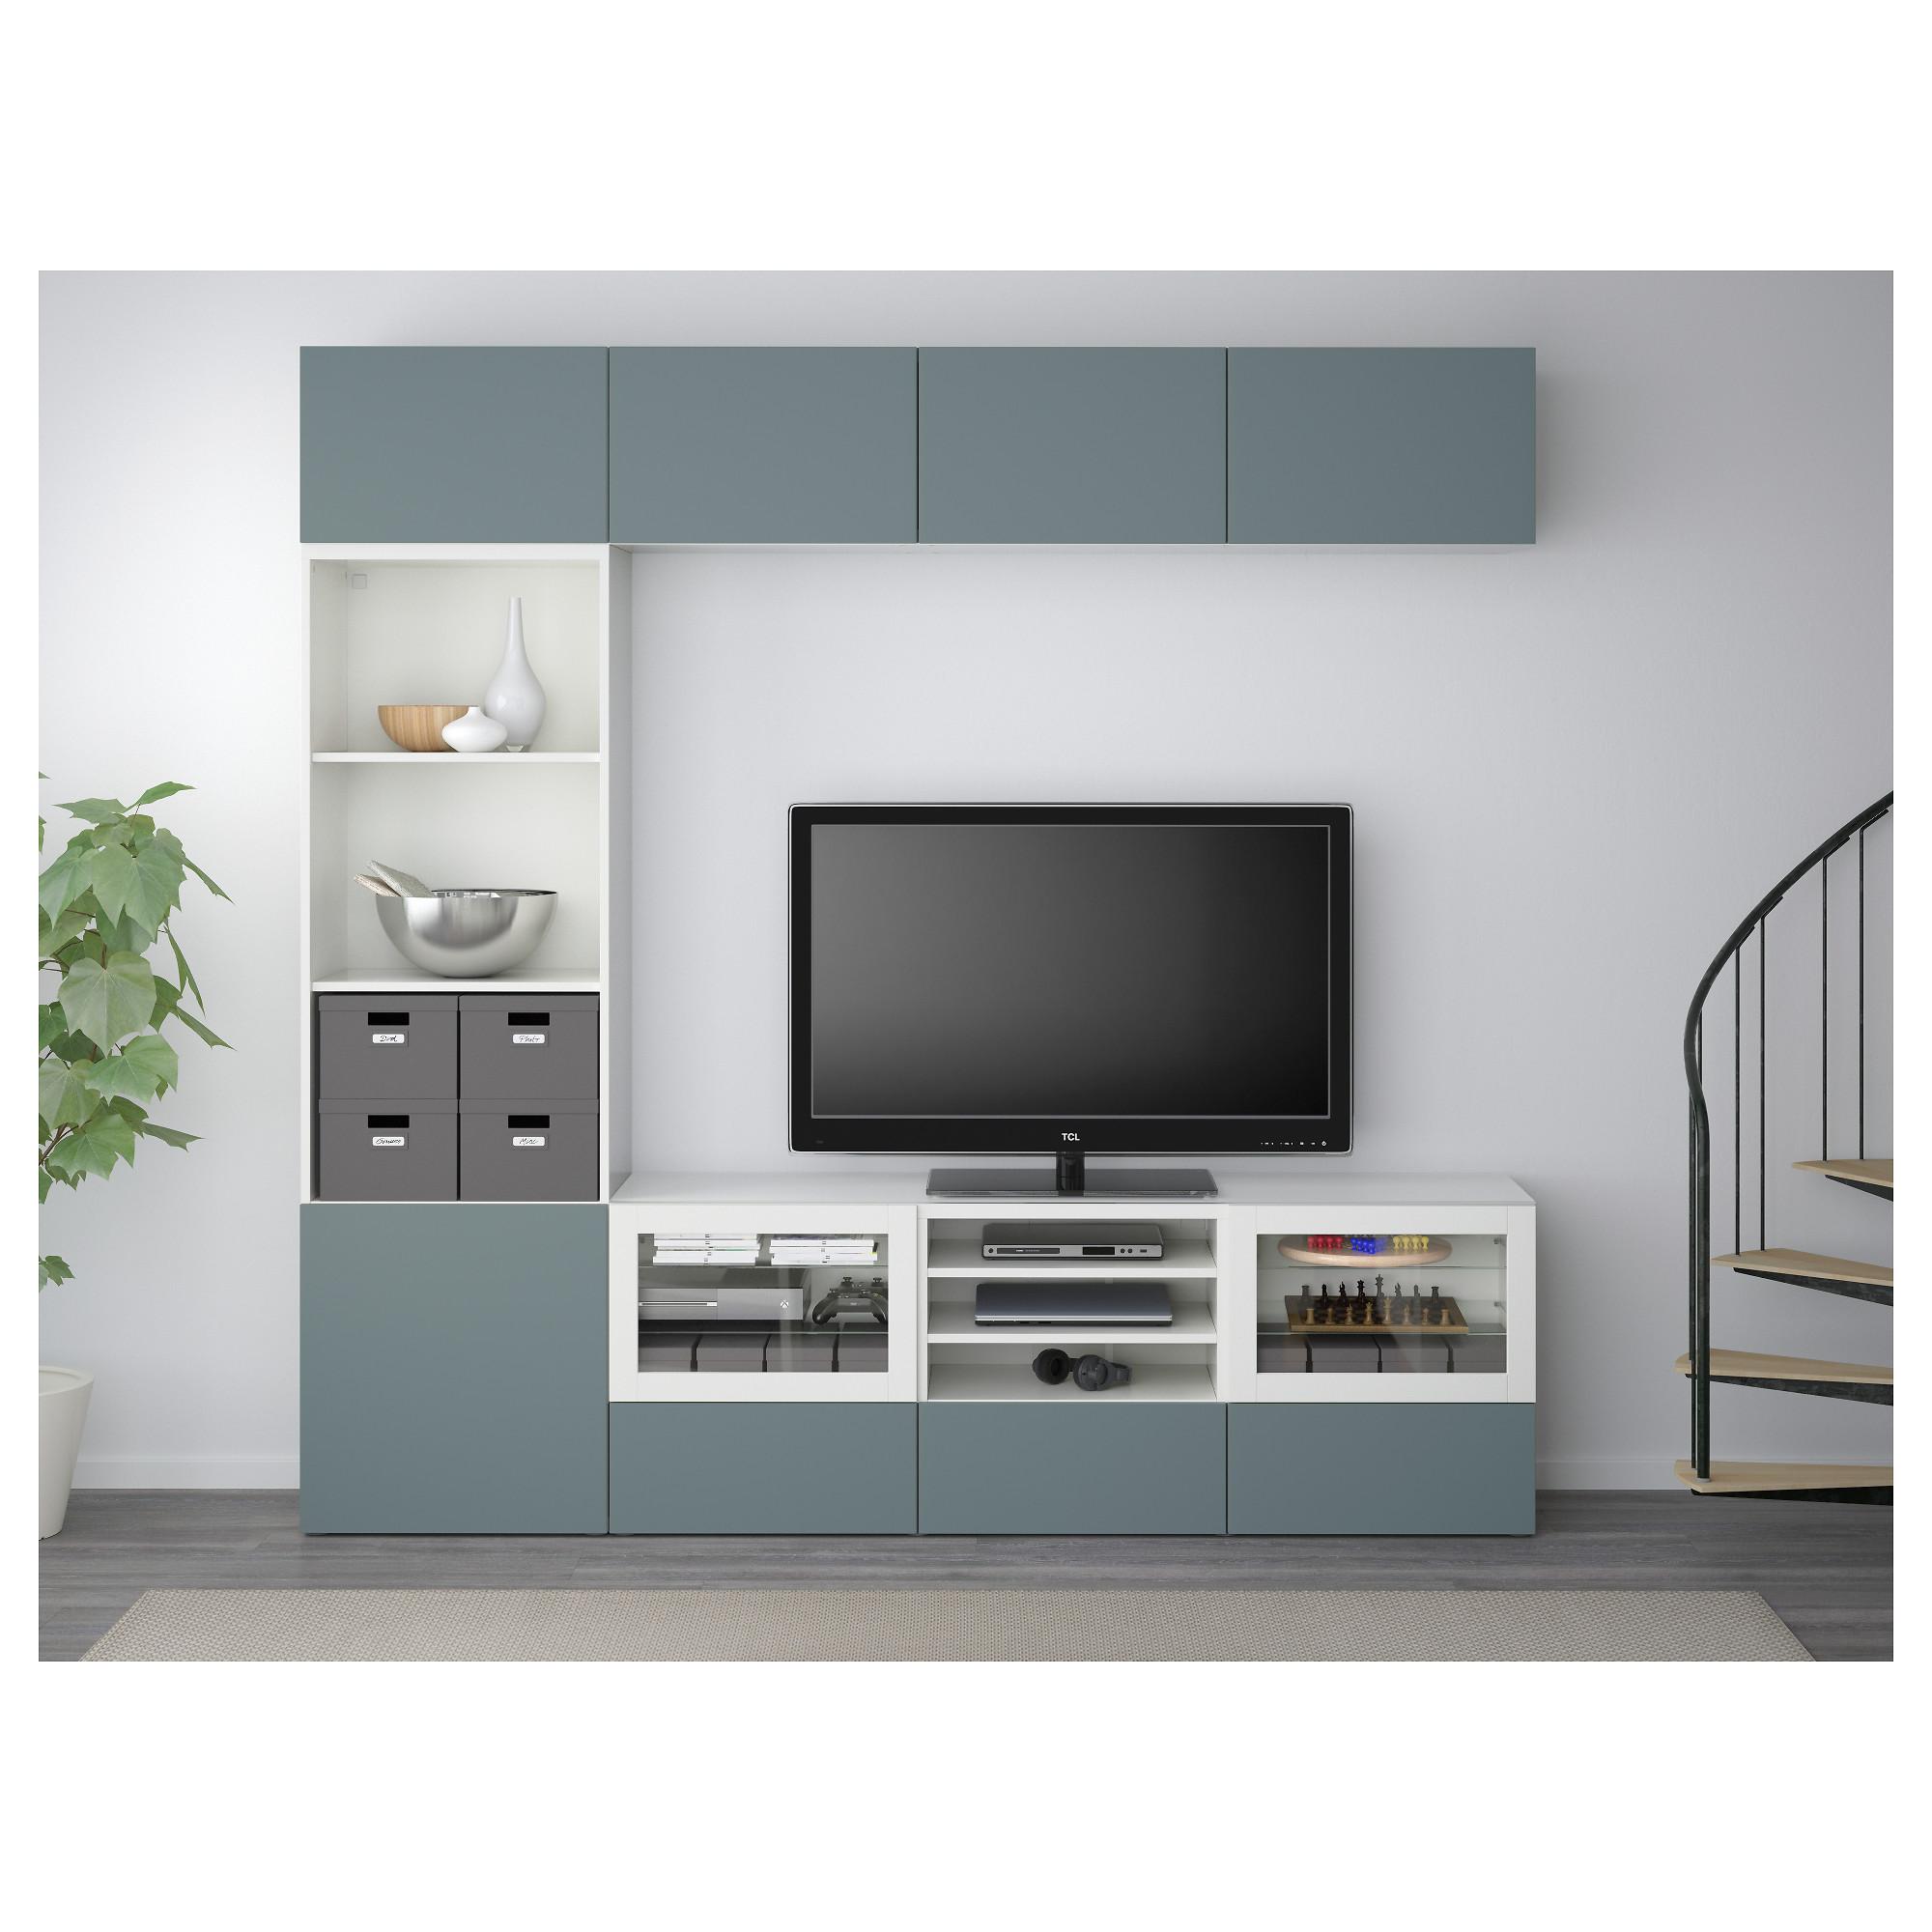 Шкаф для ТВ, комбинированный, стекляные дверцы БЕСТО белый артикуль № 392.462.42 в наличии. Online магазин IKEA Беларусь. Быстрая доставка и установка.